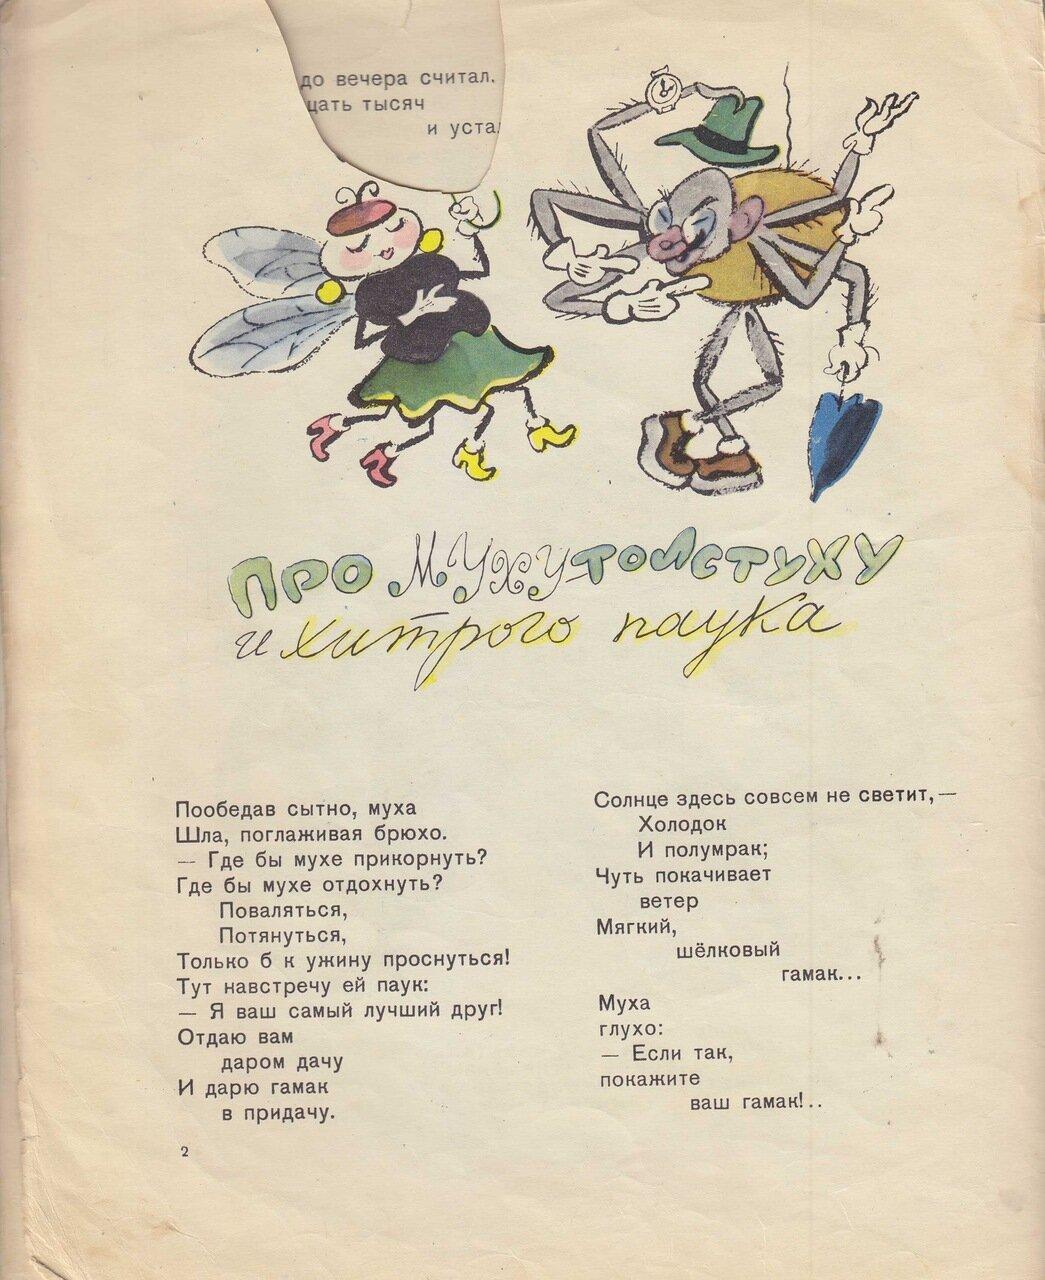 Петухи, Демыкин, Гальба